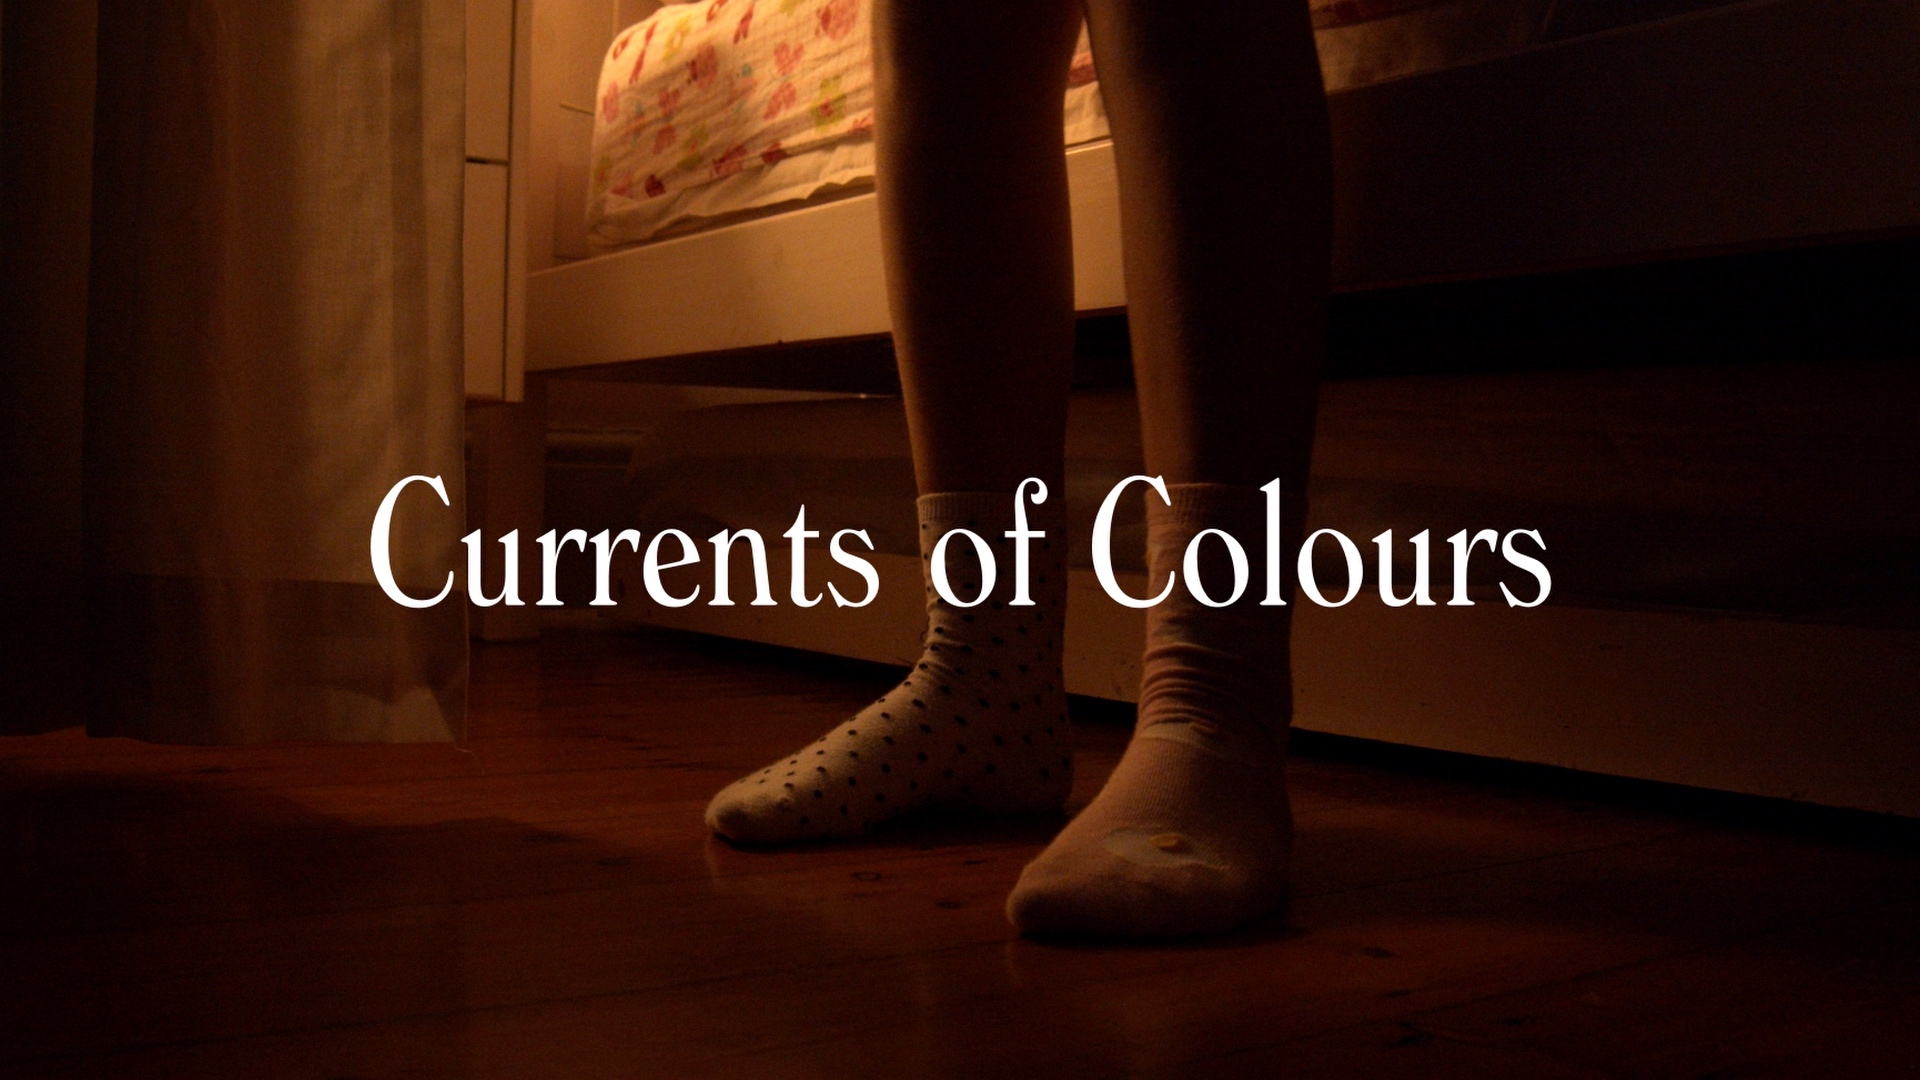 Currents of Colours (Short Film) - My RØDE Reel 2020